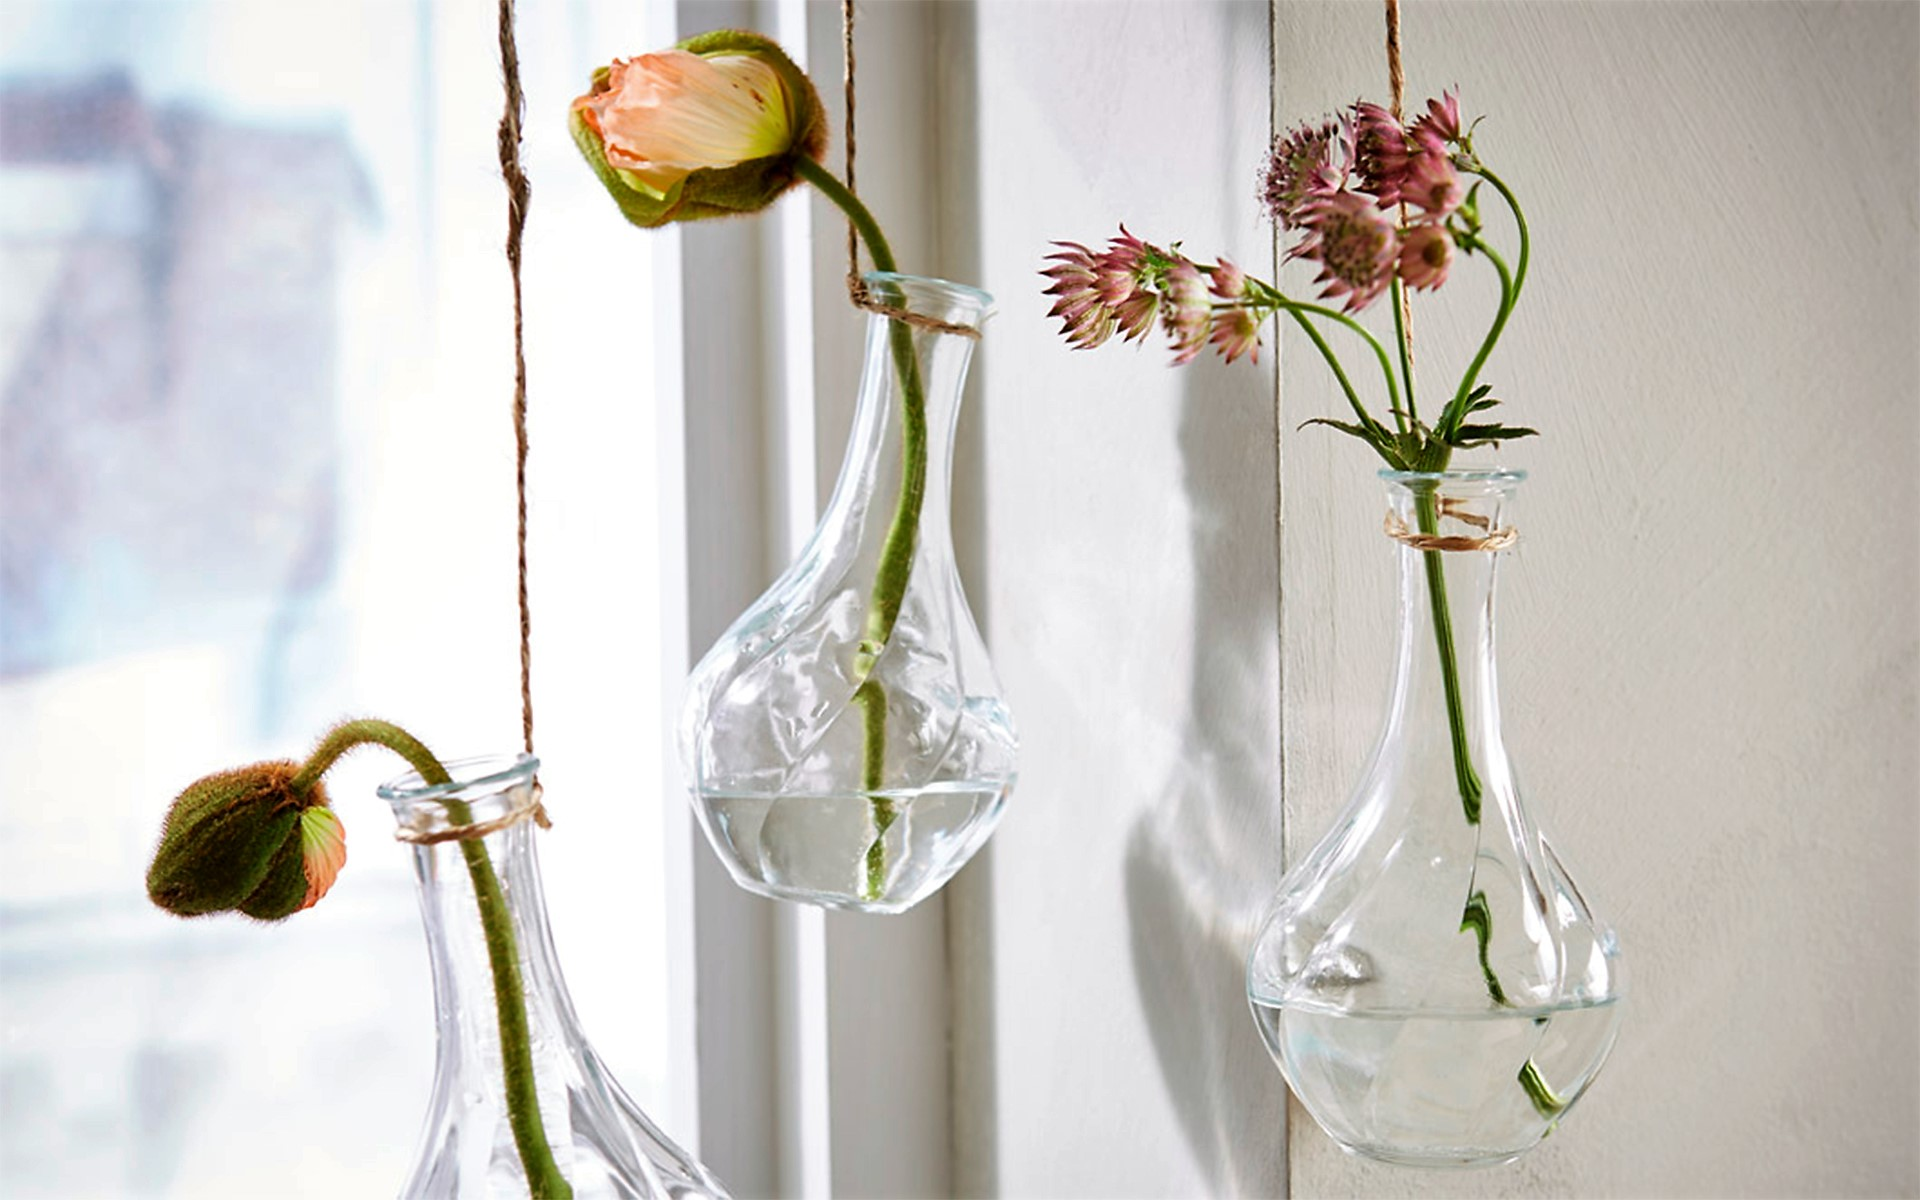 ventilador de teto Spirit - Blog Myspirit - capa blog - plantas dentro de casa